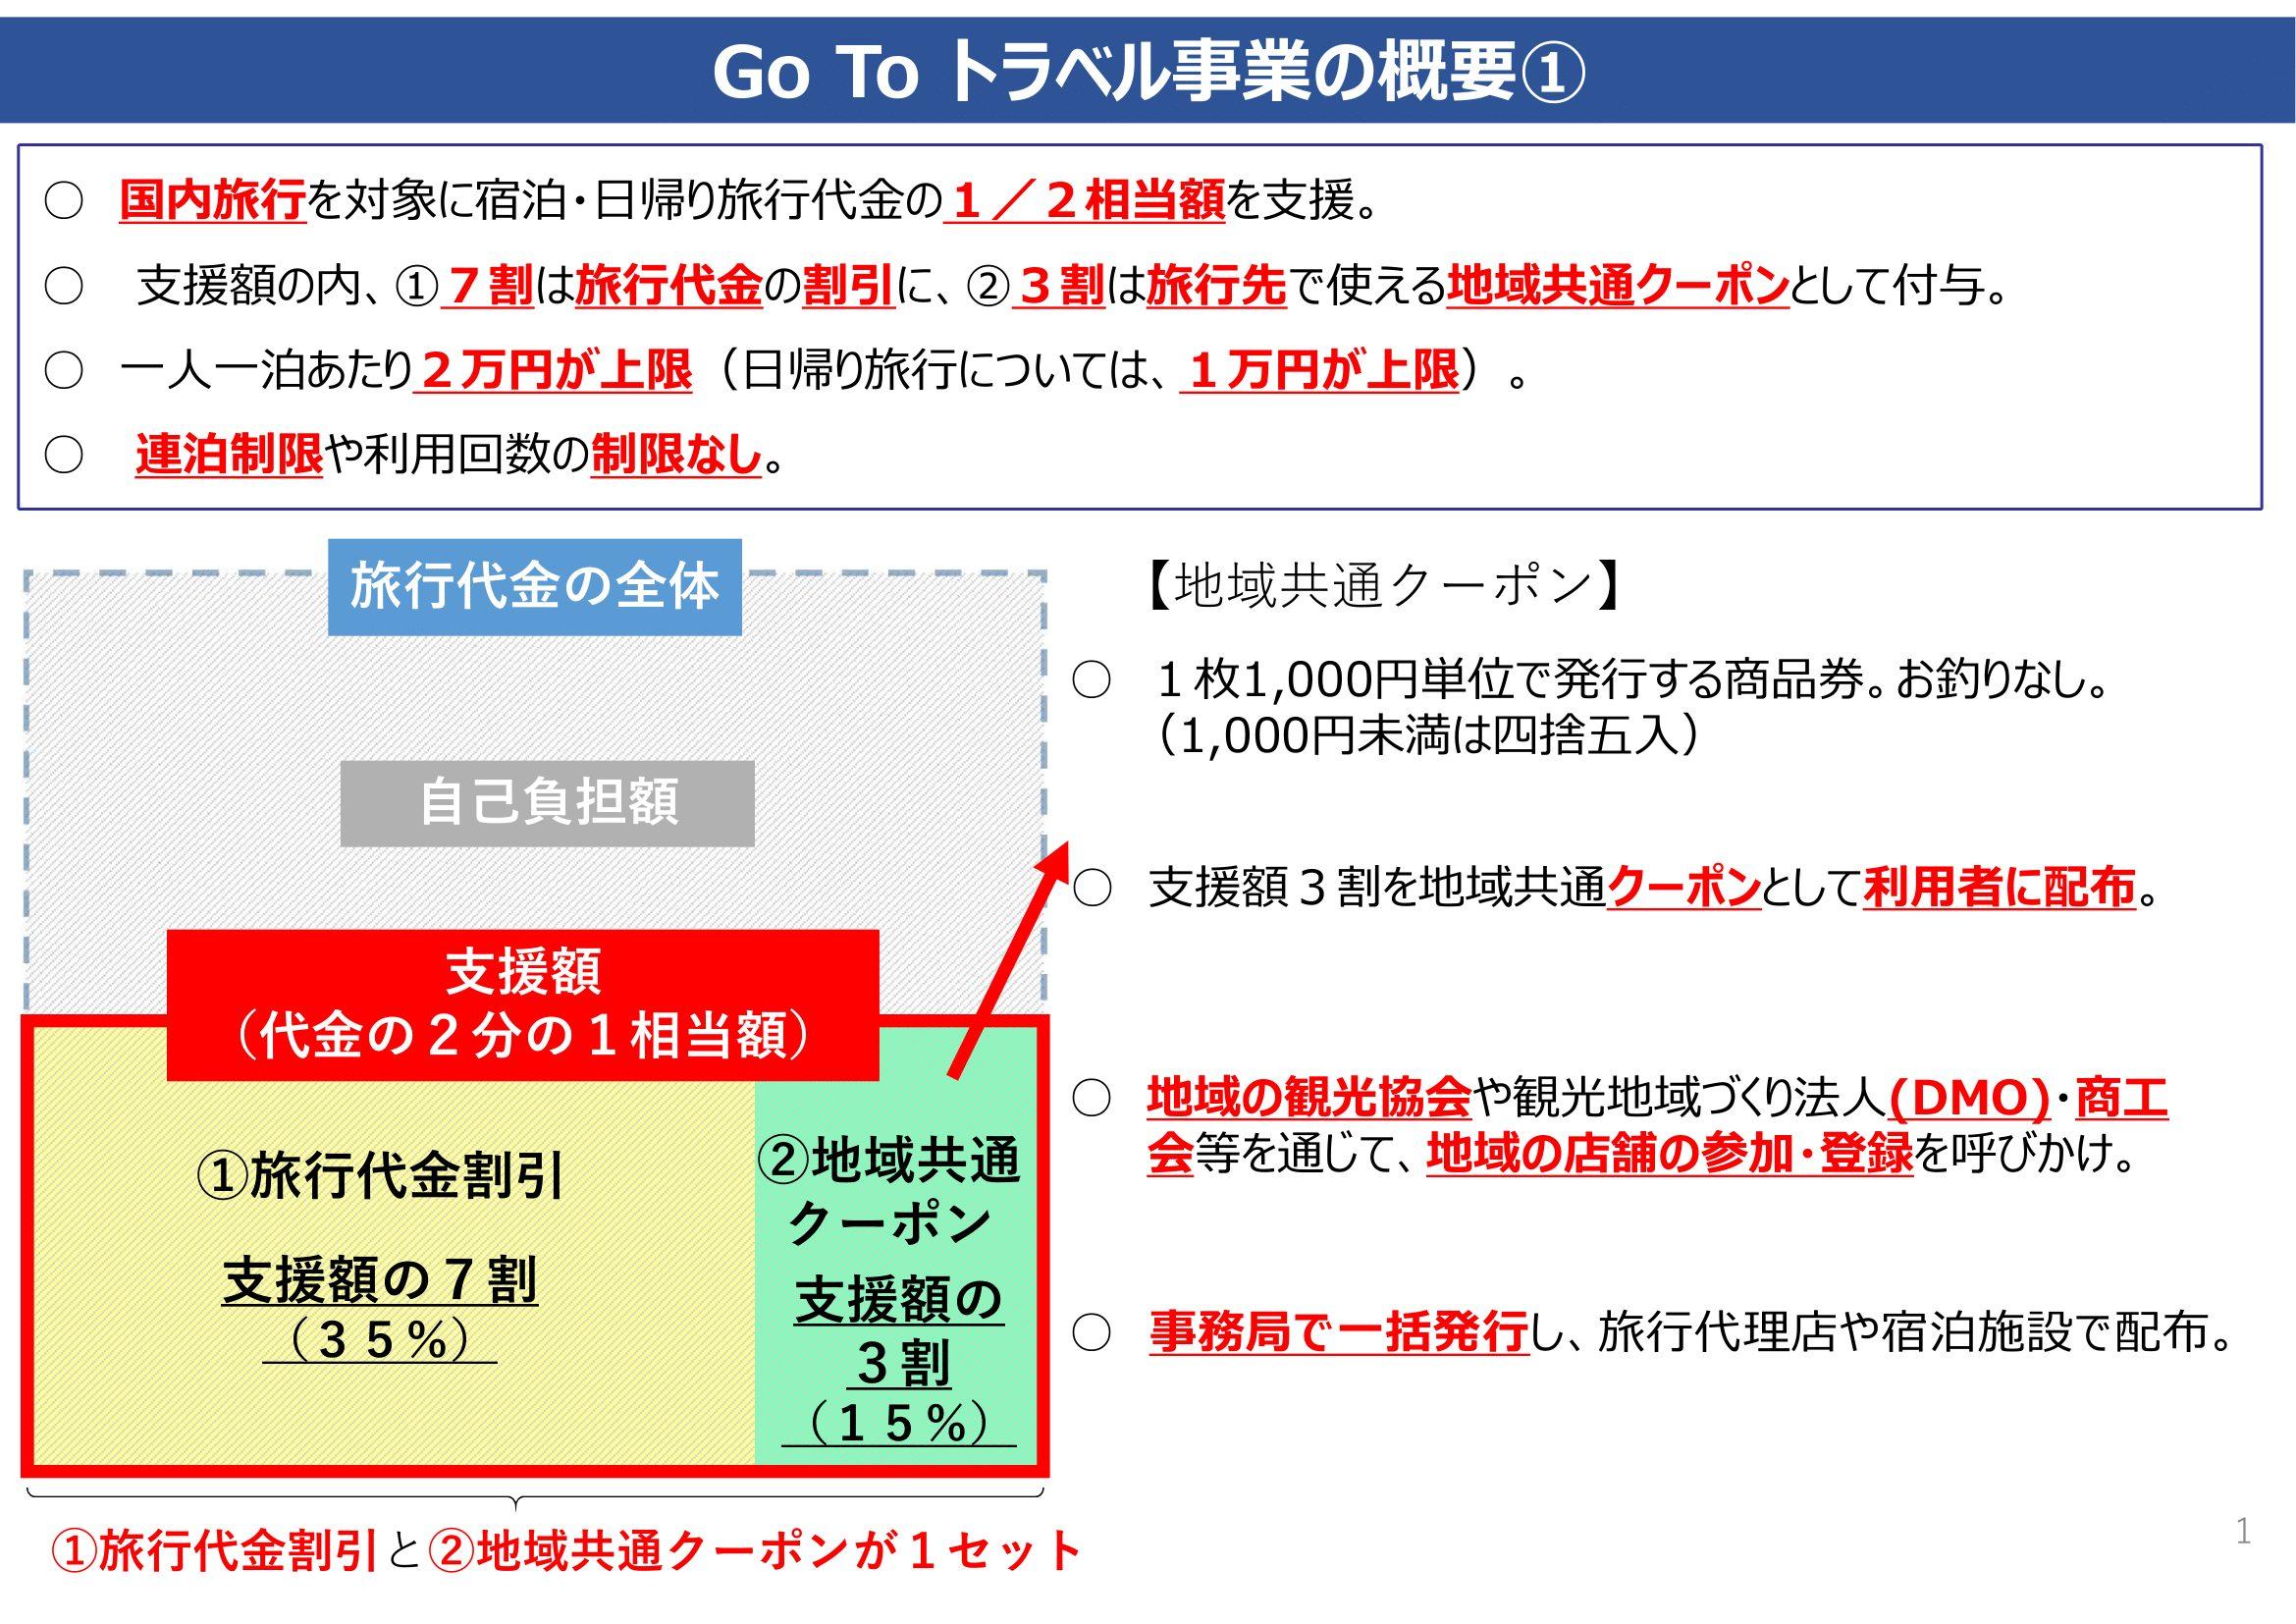 ホームページ goto 事務 局